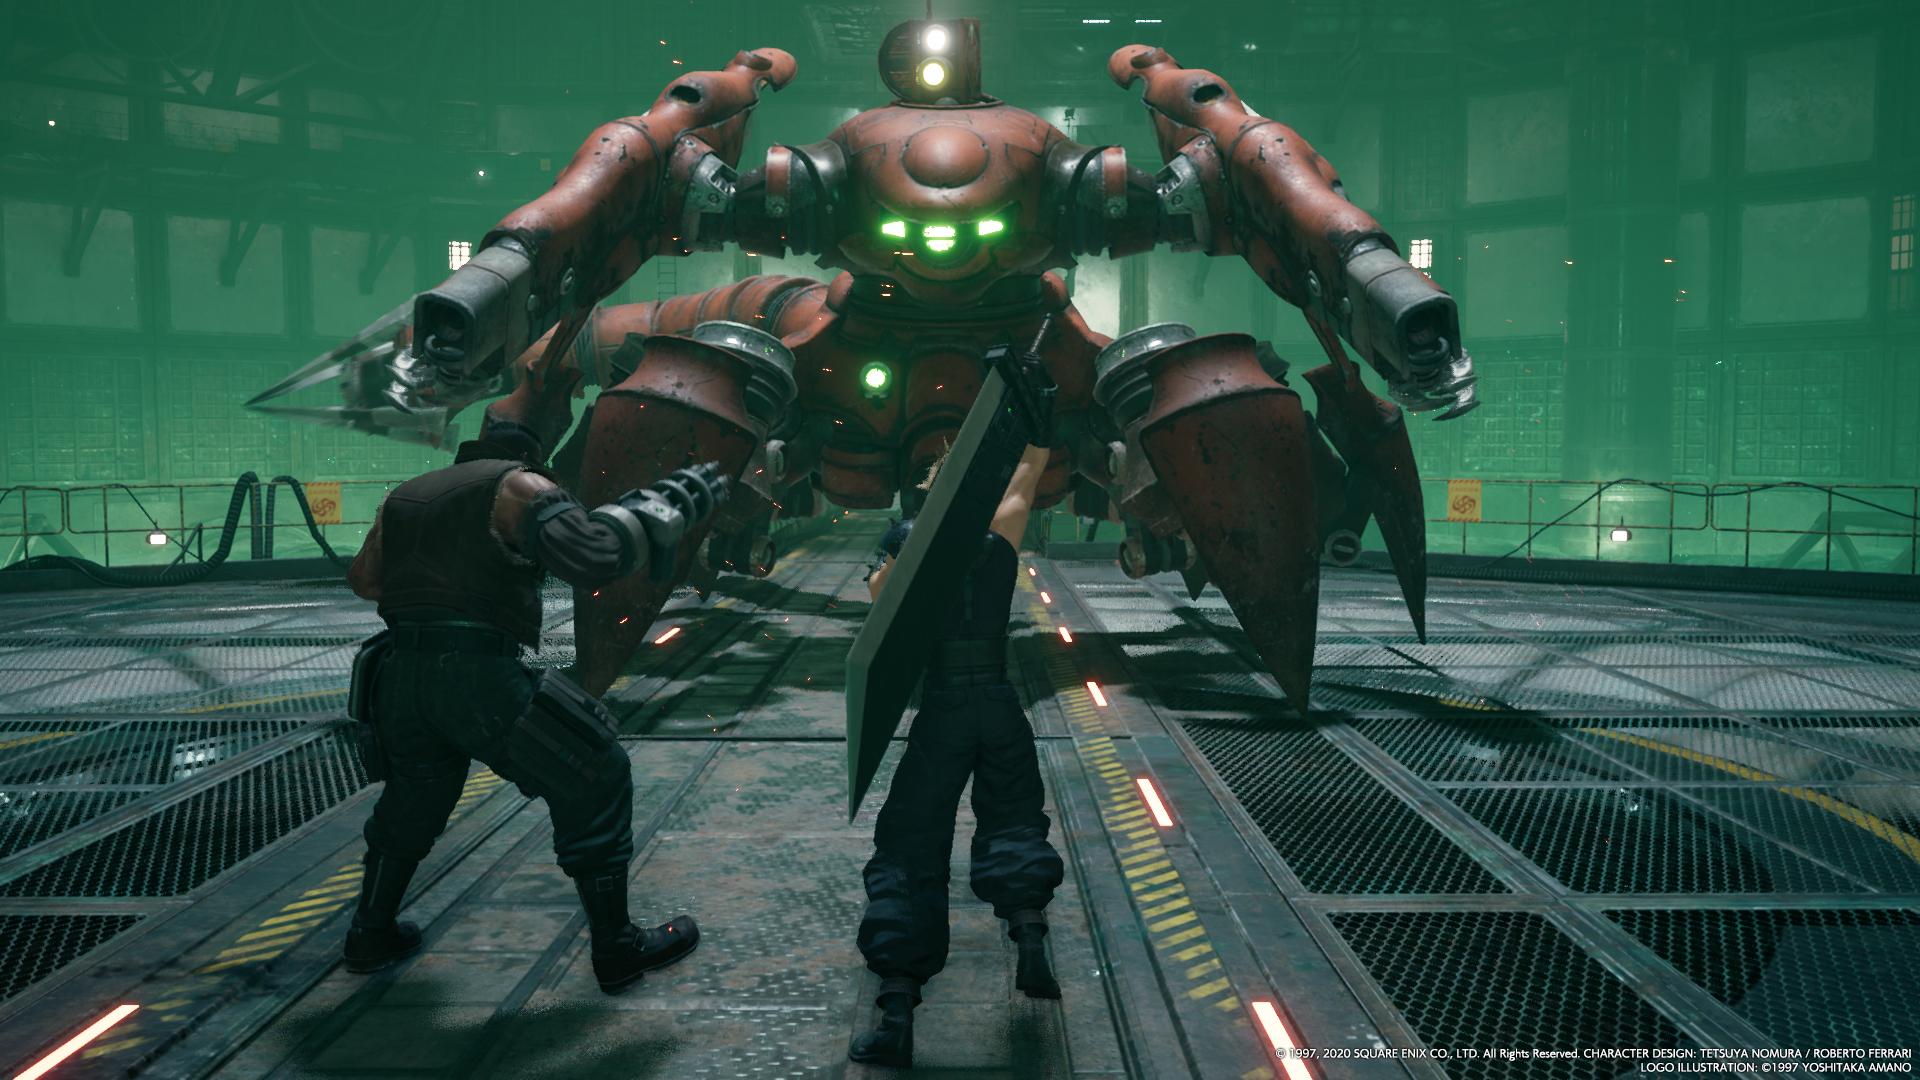 Der Wachskorpion hat seit dem Originalspiel einige Upgrades bekommen.